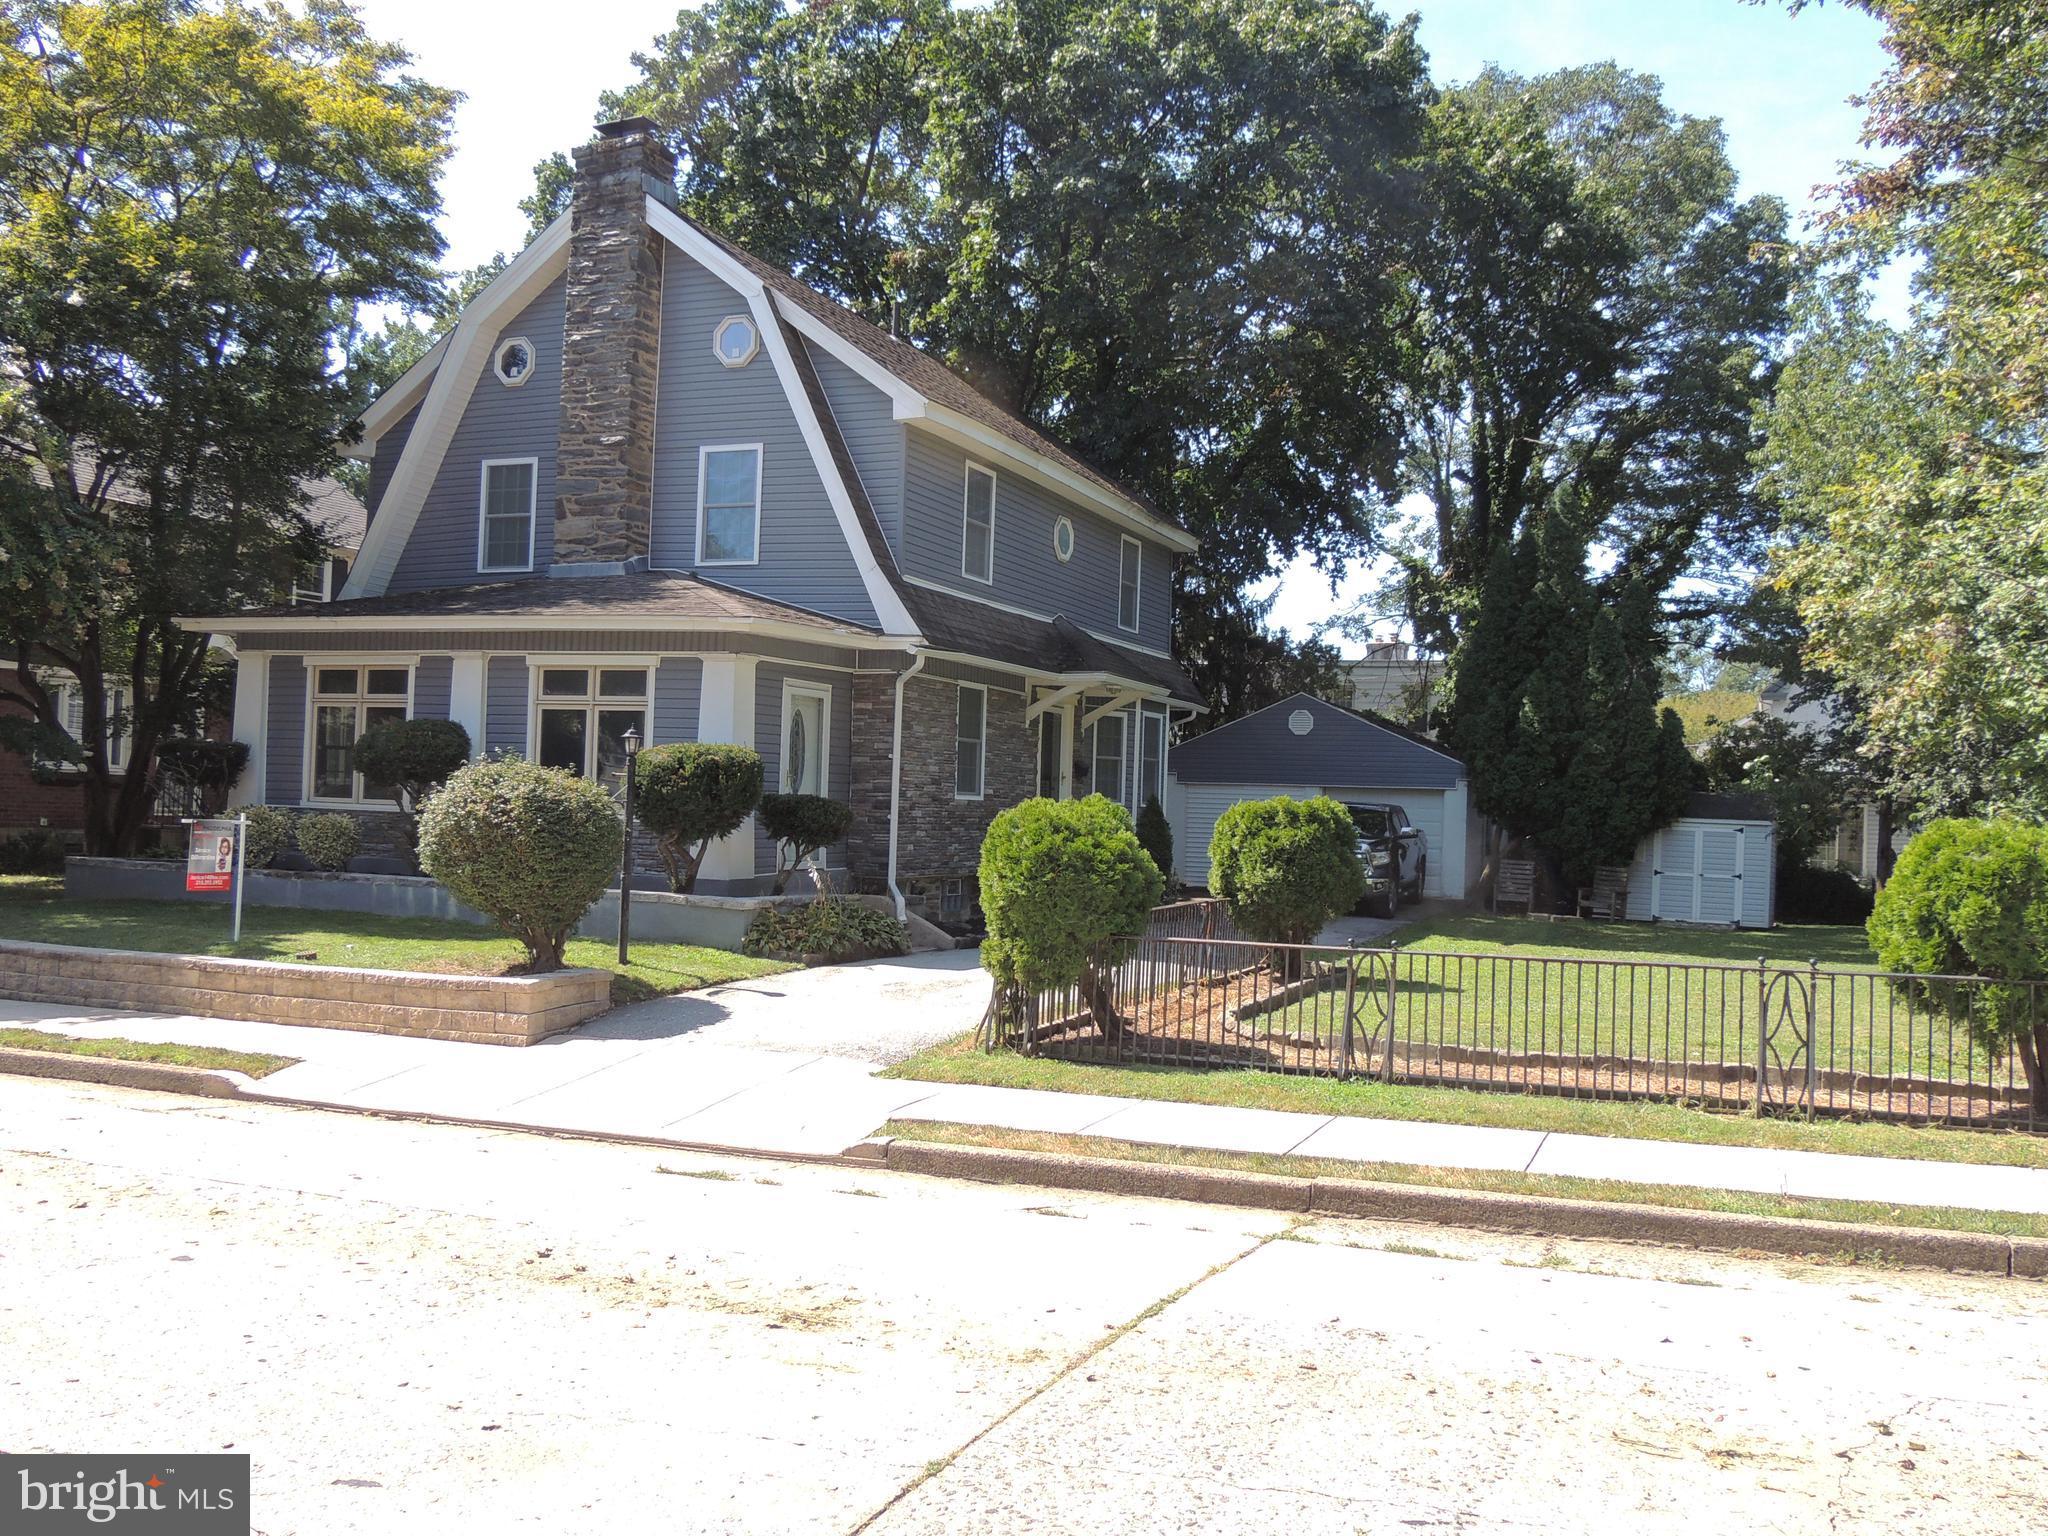 228 CRAWFORD AVENUE, LANSDOWNE, PA 19050